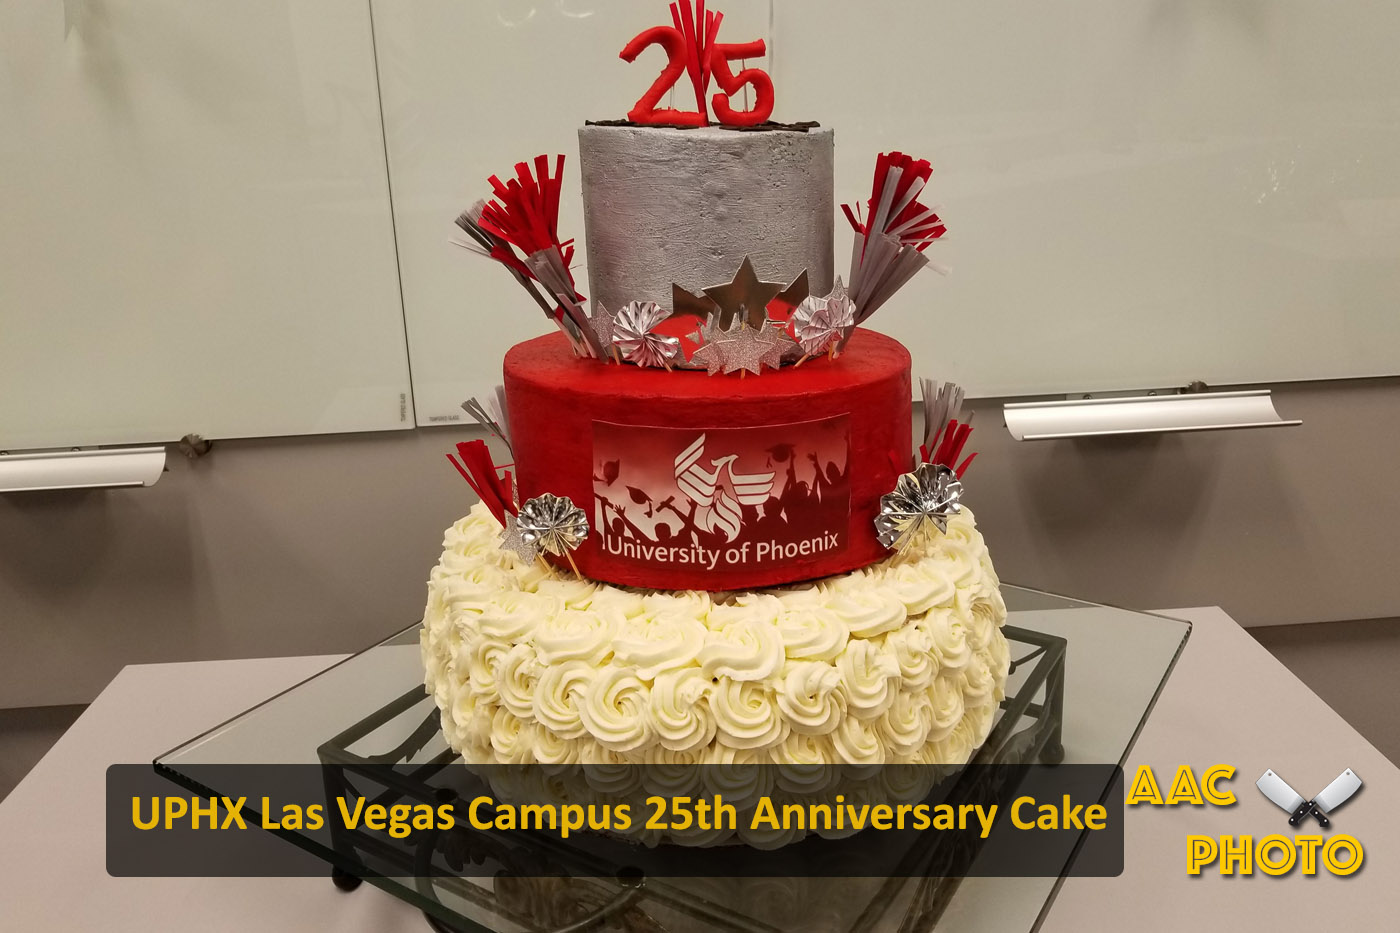 University of Phoenix Cake